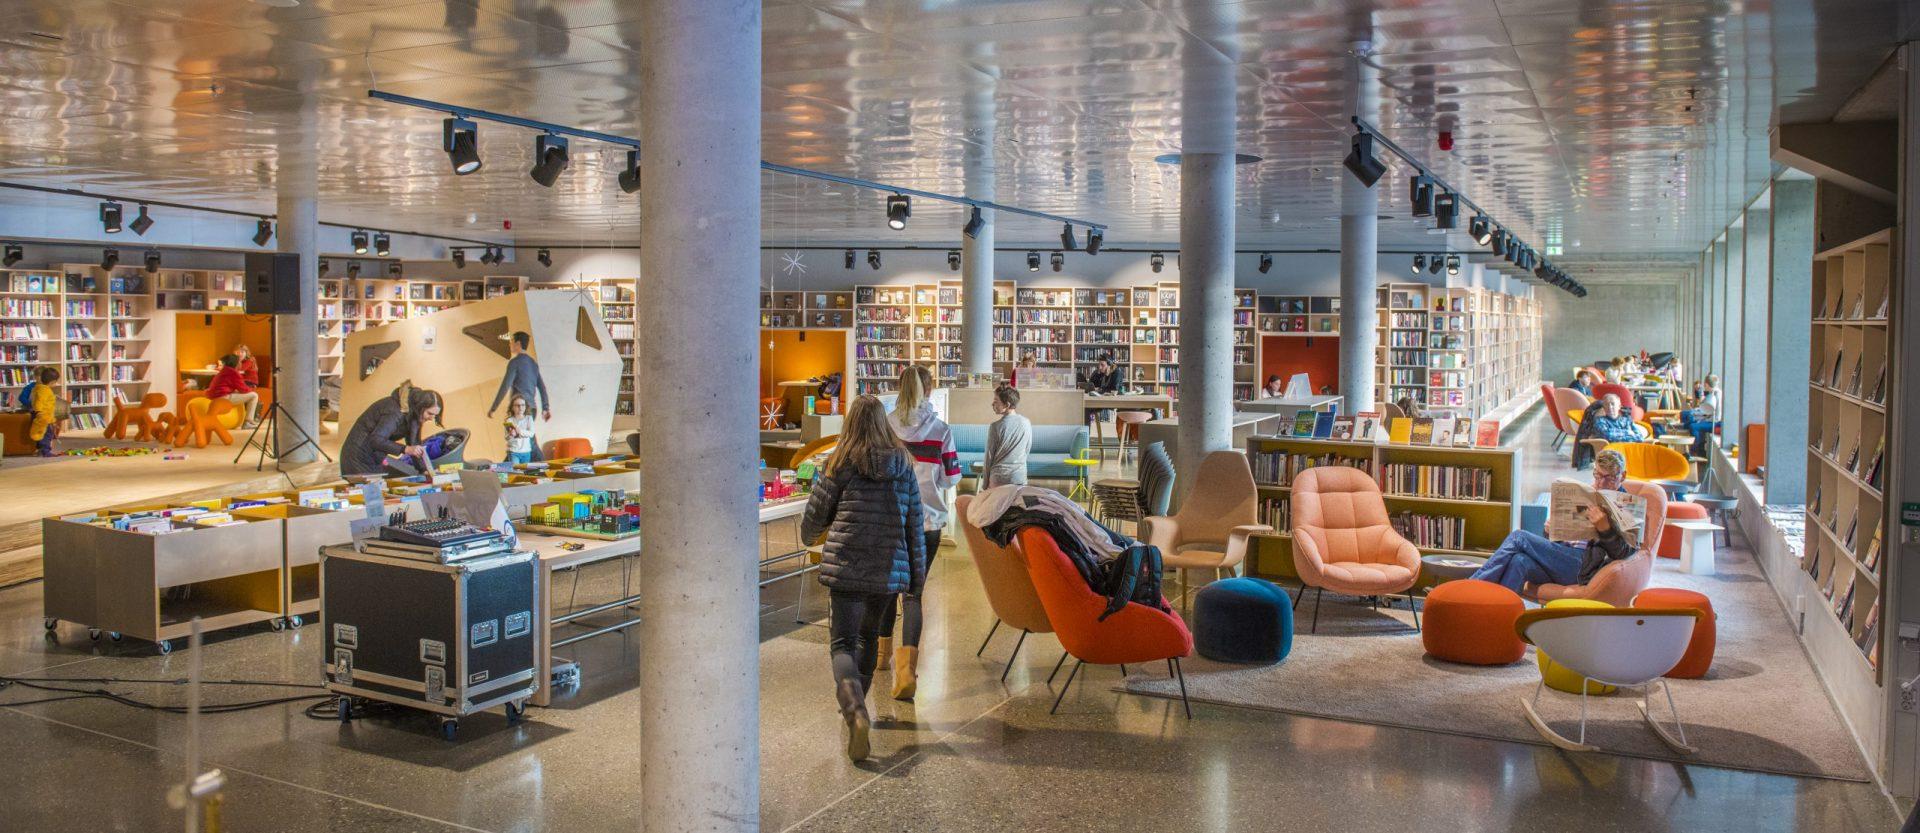 Biblioteket-ulstein-arena